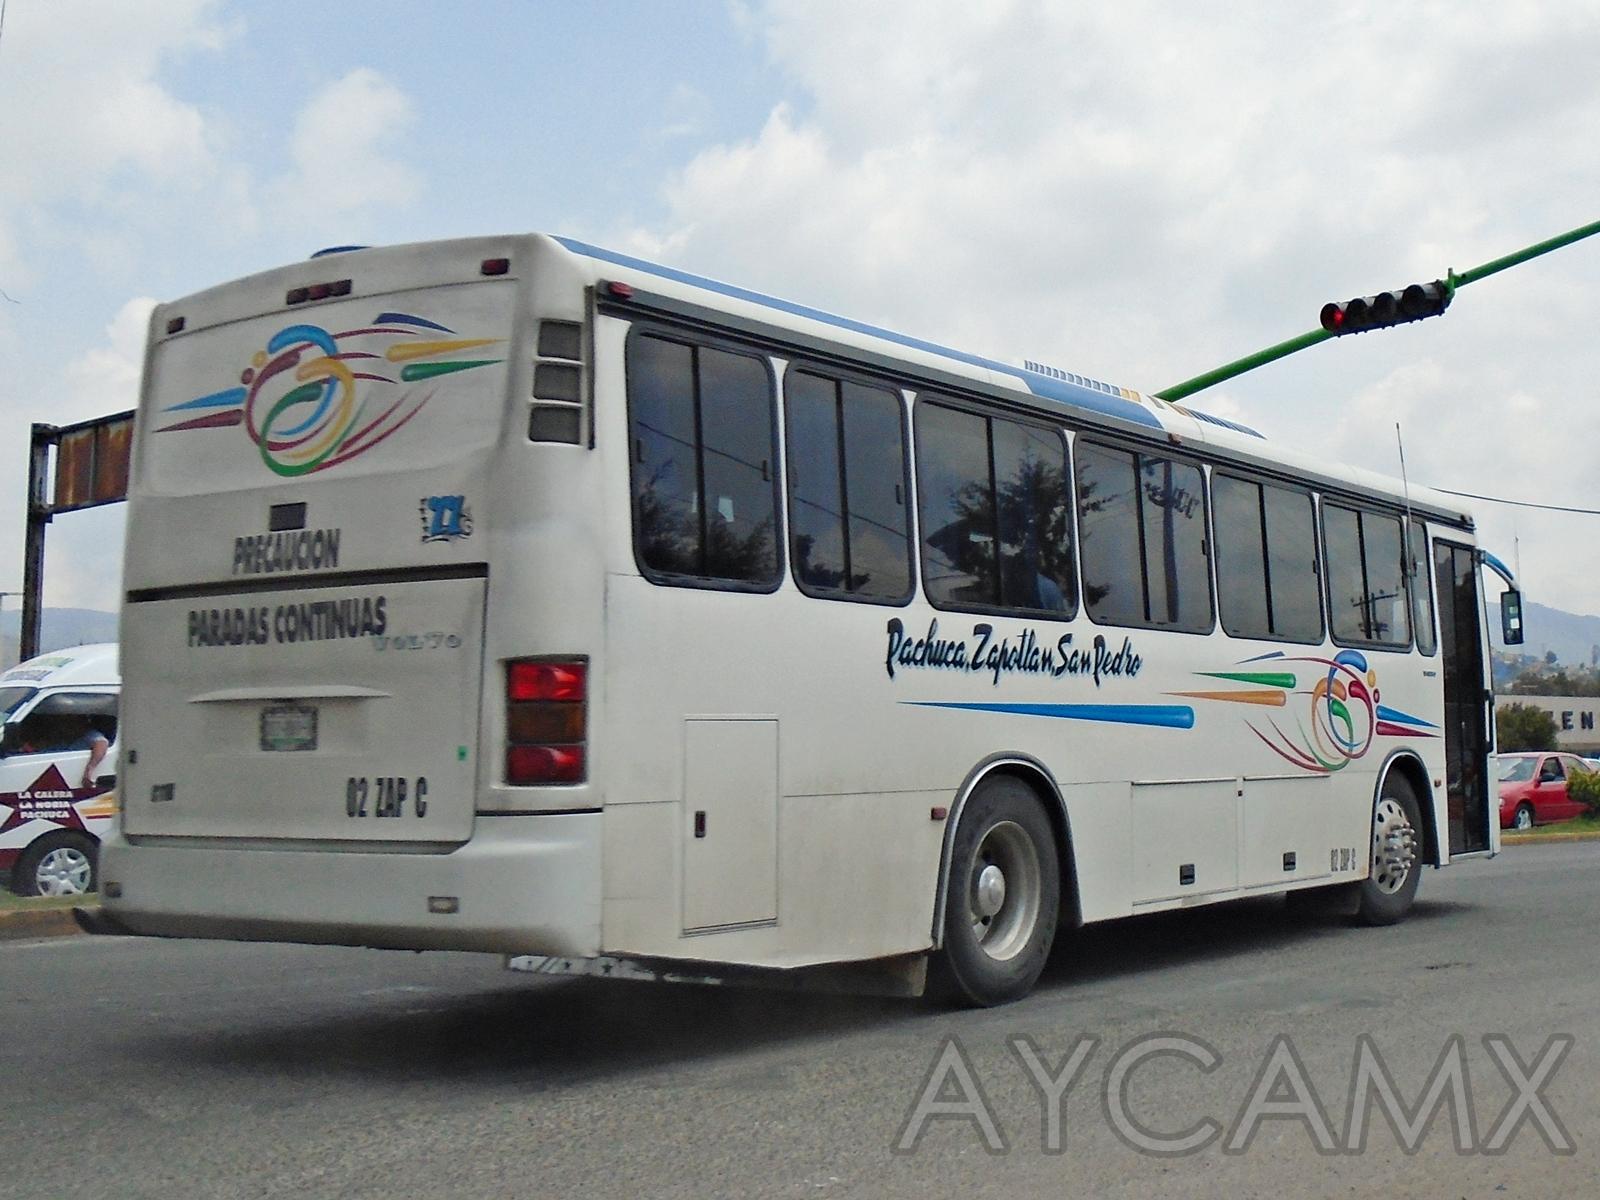 AYCAMX - Autobuses y Camiones México : Camiones Hidalgo 66